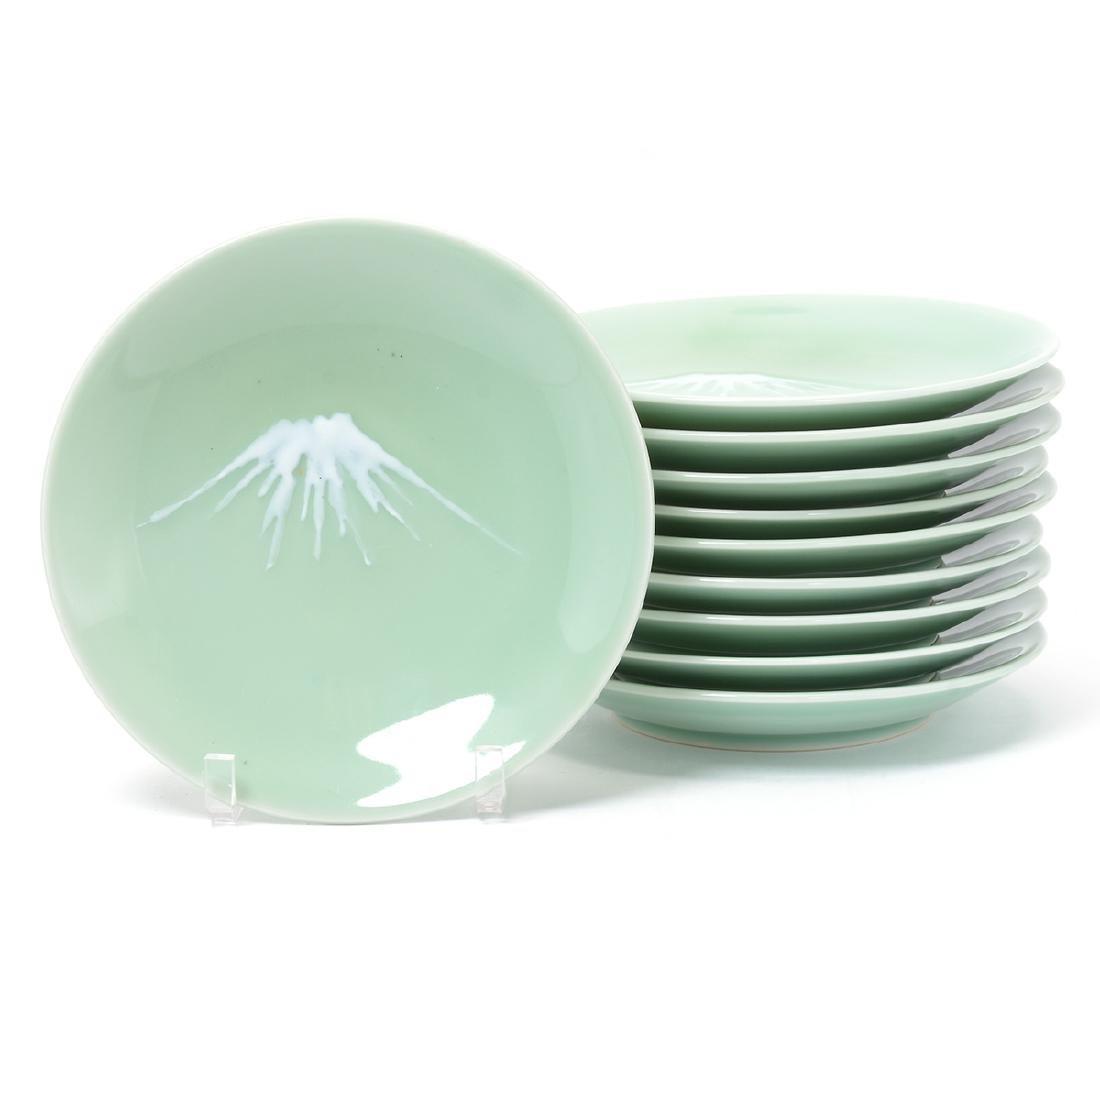 10 Nambeshima Celadon Glazed Porcelain Plates